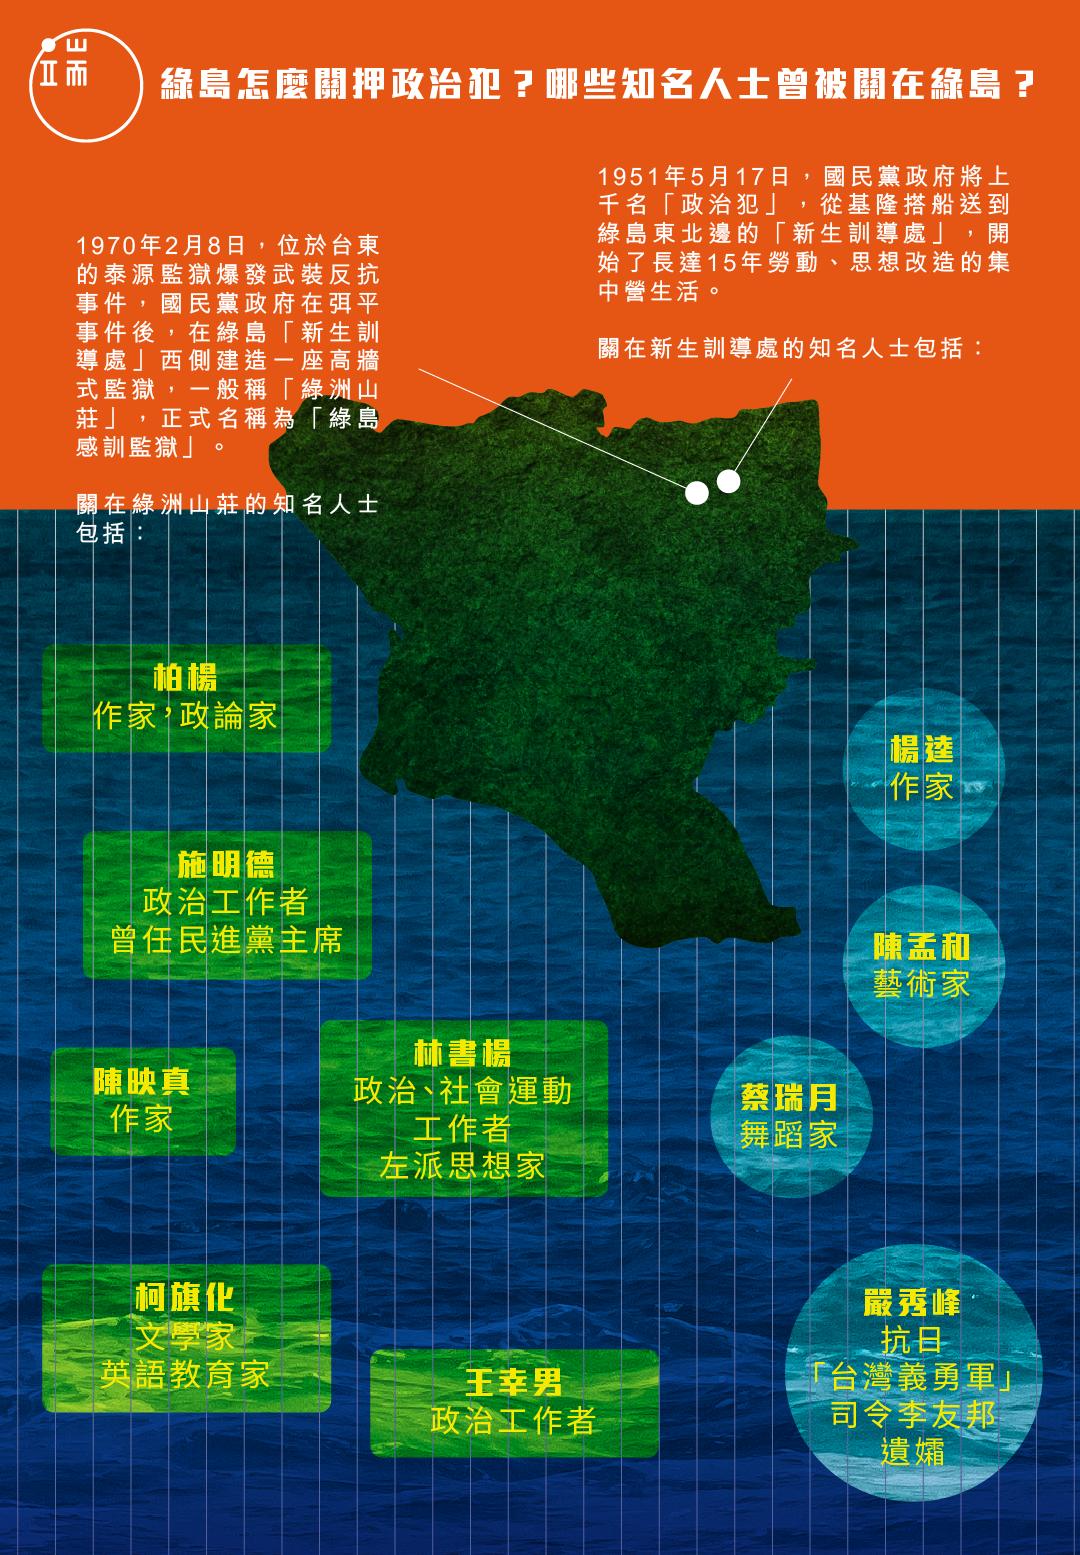 綠島關押過的政治犯_繁